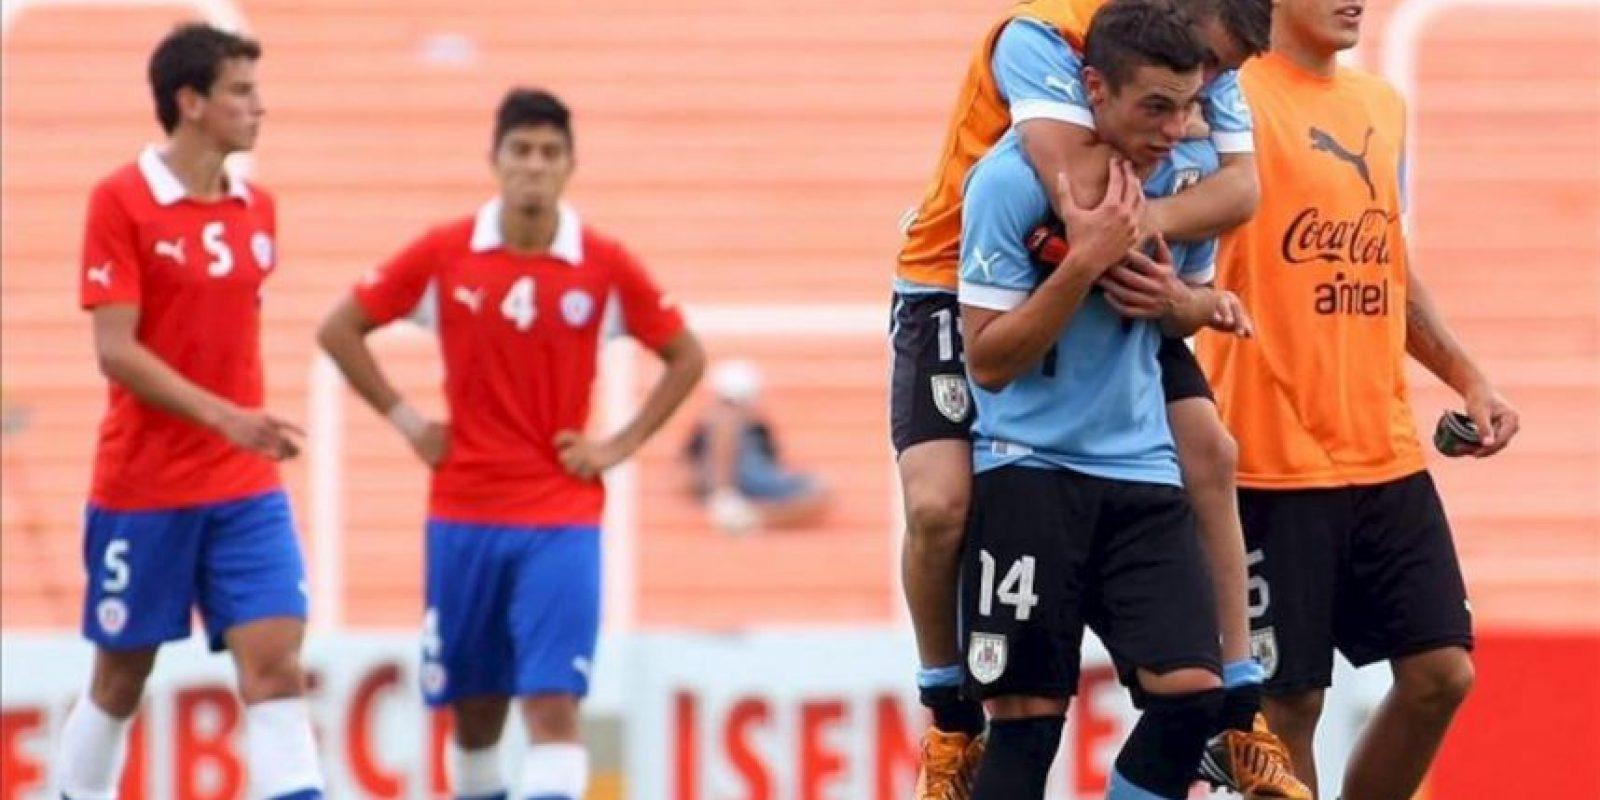 Los jugadores de Uruguay (d) celebran después de vencer a Chile durante un juego por el Campeonato Sudamericano Sub 20 Argentina 2013 en el estadio Malvinas Argentinas de la ciudad de Mendoza, a 1050 km de Buenos Aires (Argentina). EFE